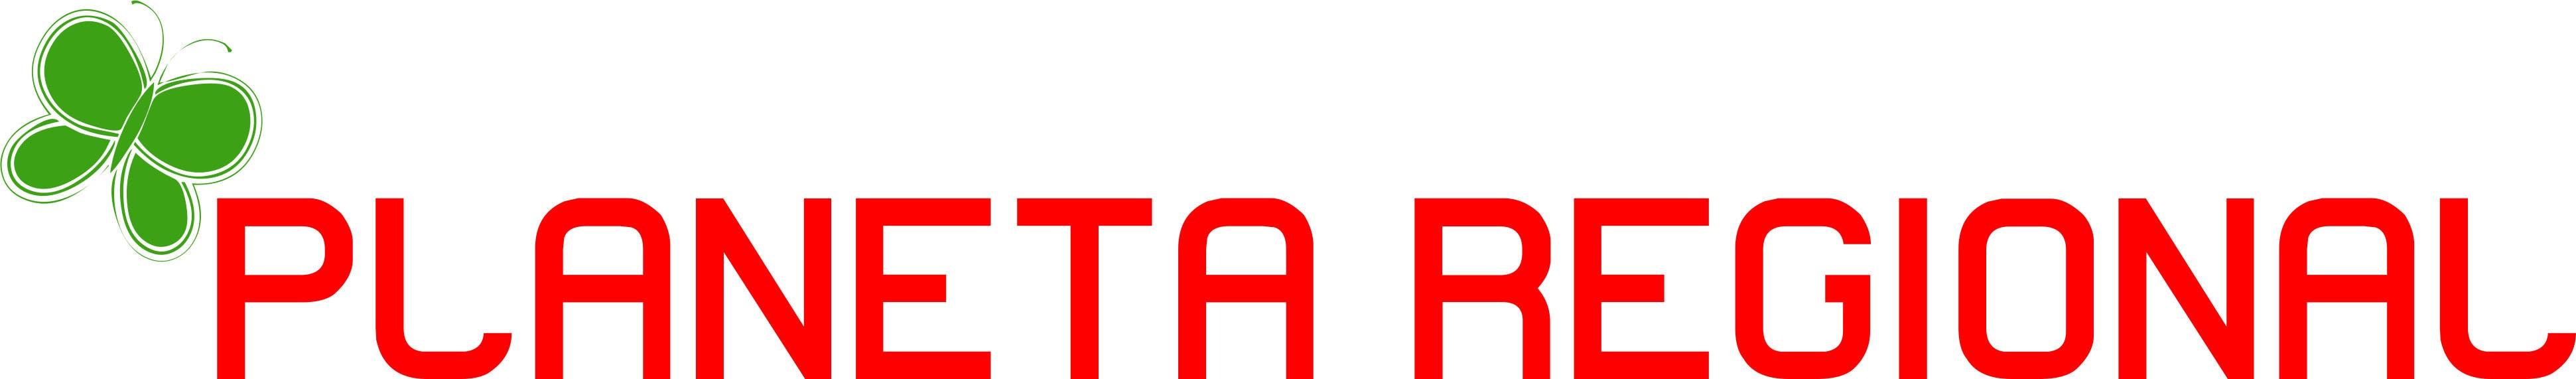 Bài tham dự cuộc thi #11 cho Redesign logo for online Newspaper